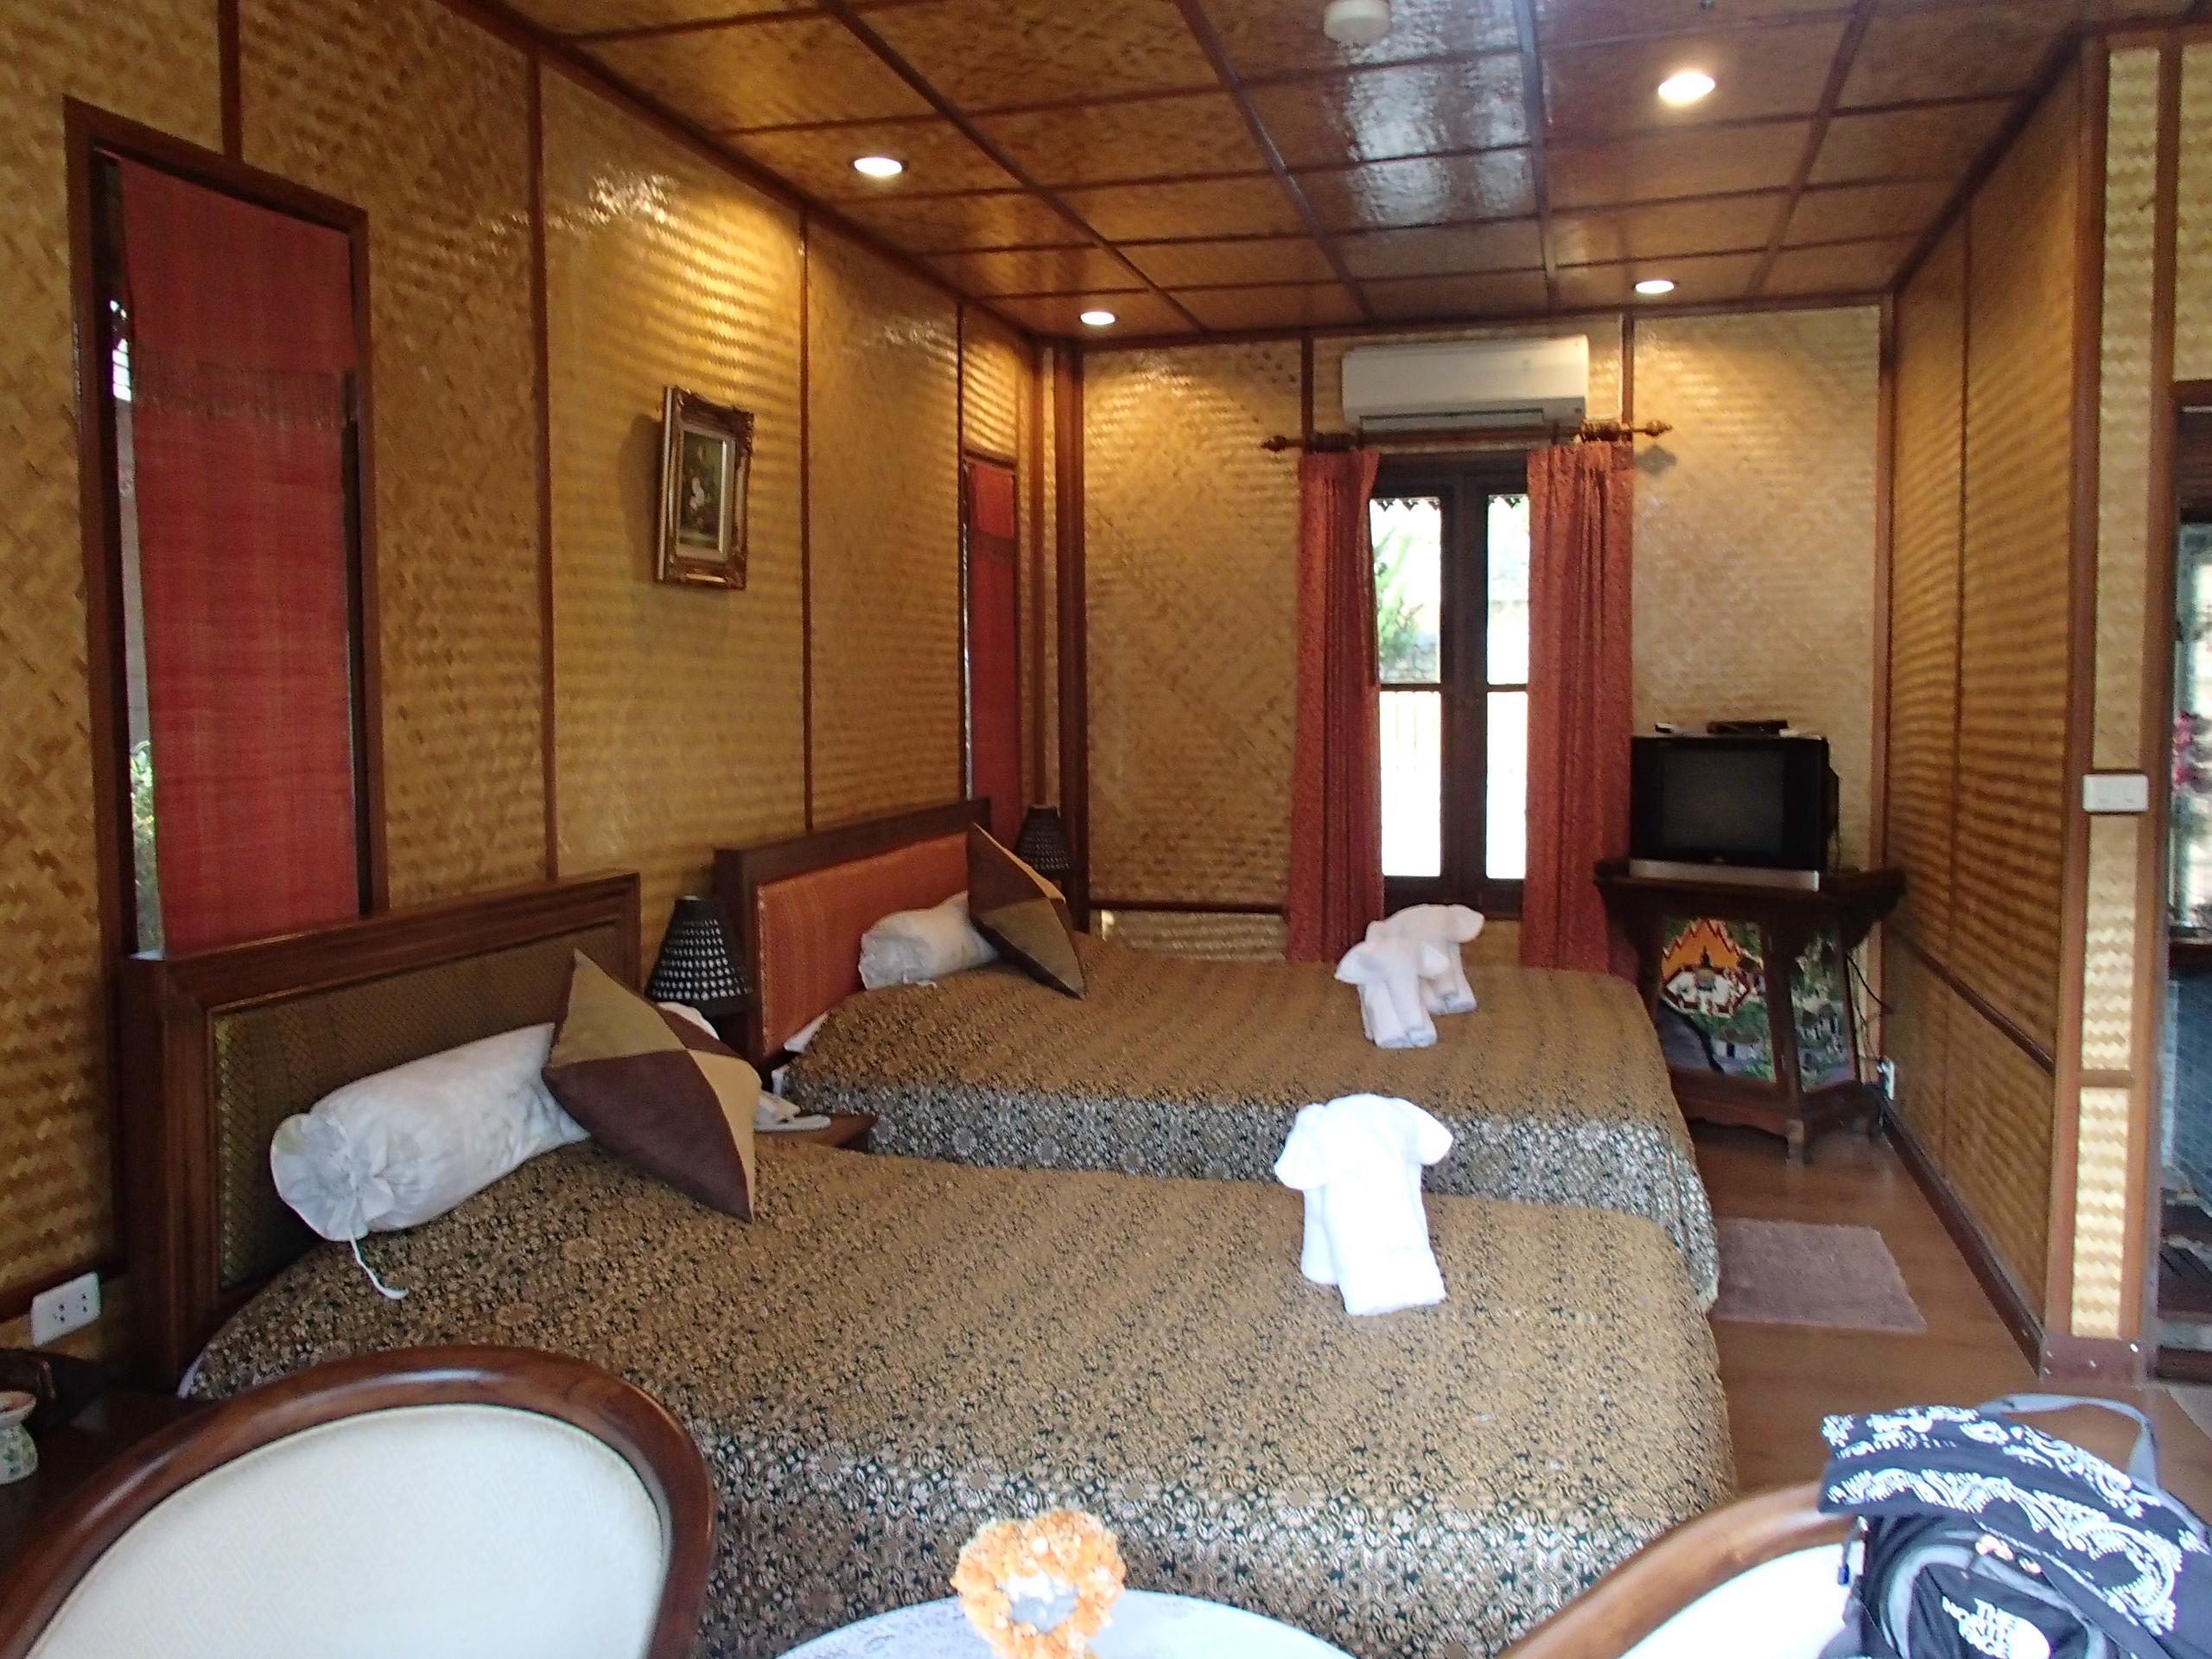 Viang Yonok hotel